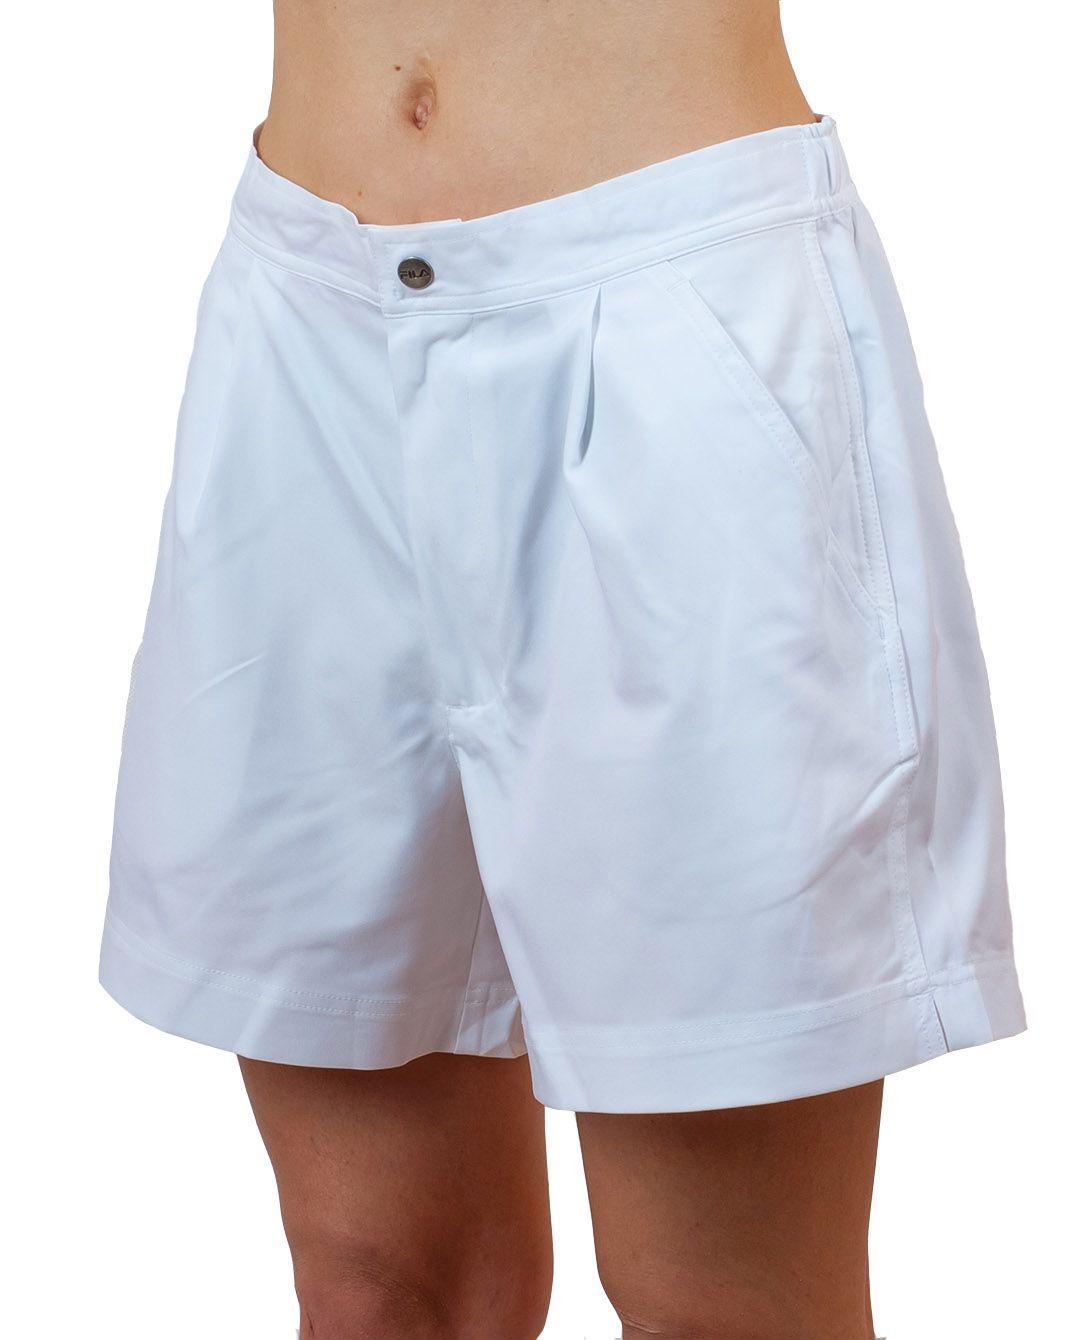 Белые шортики для девушки - вид спереди